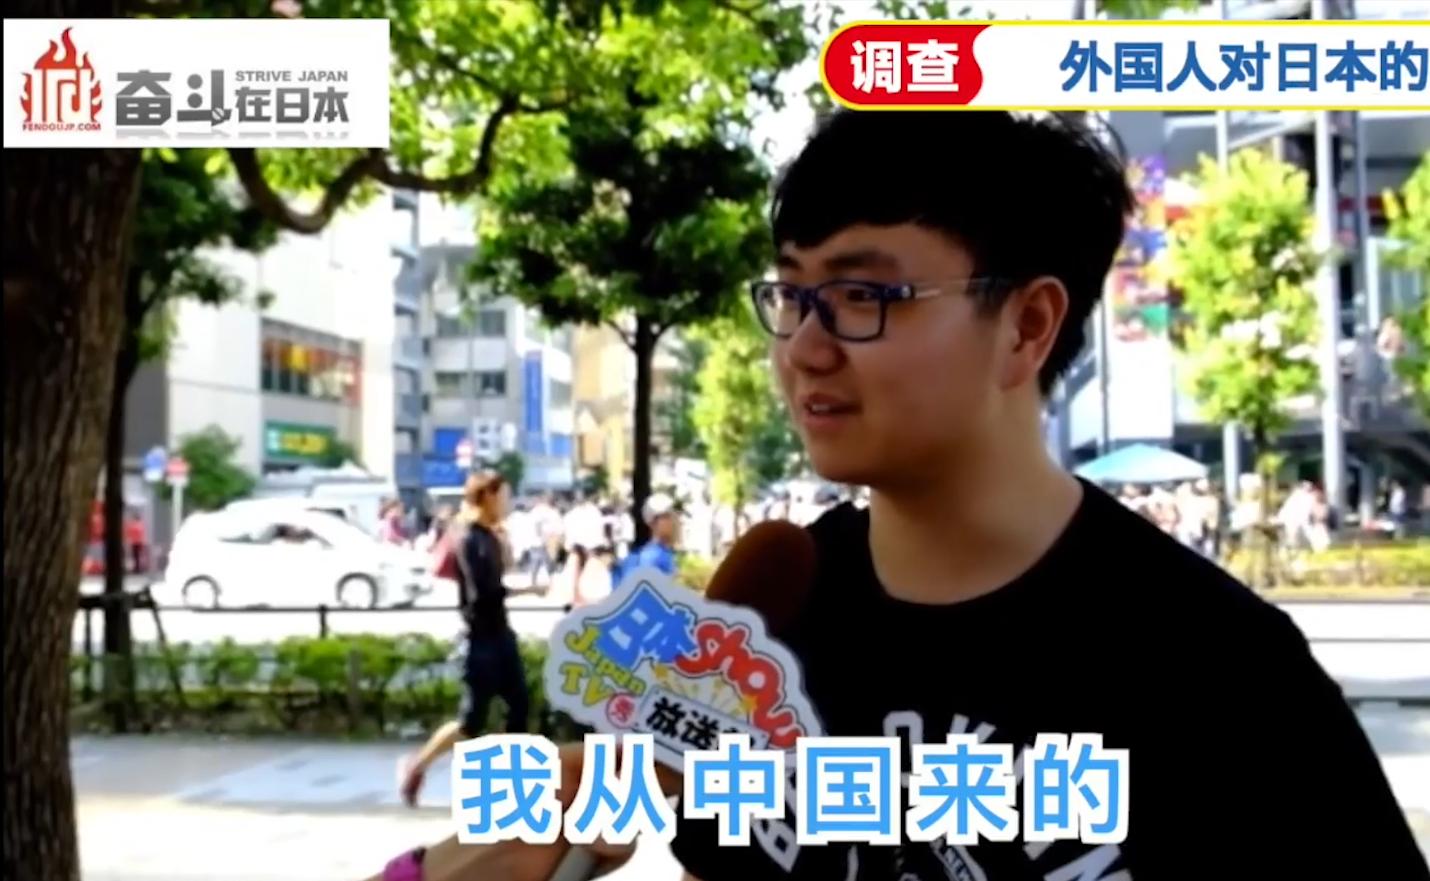 日本给外国人留下印象最深刻的是什么?